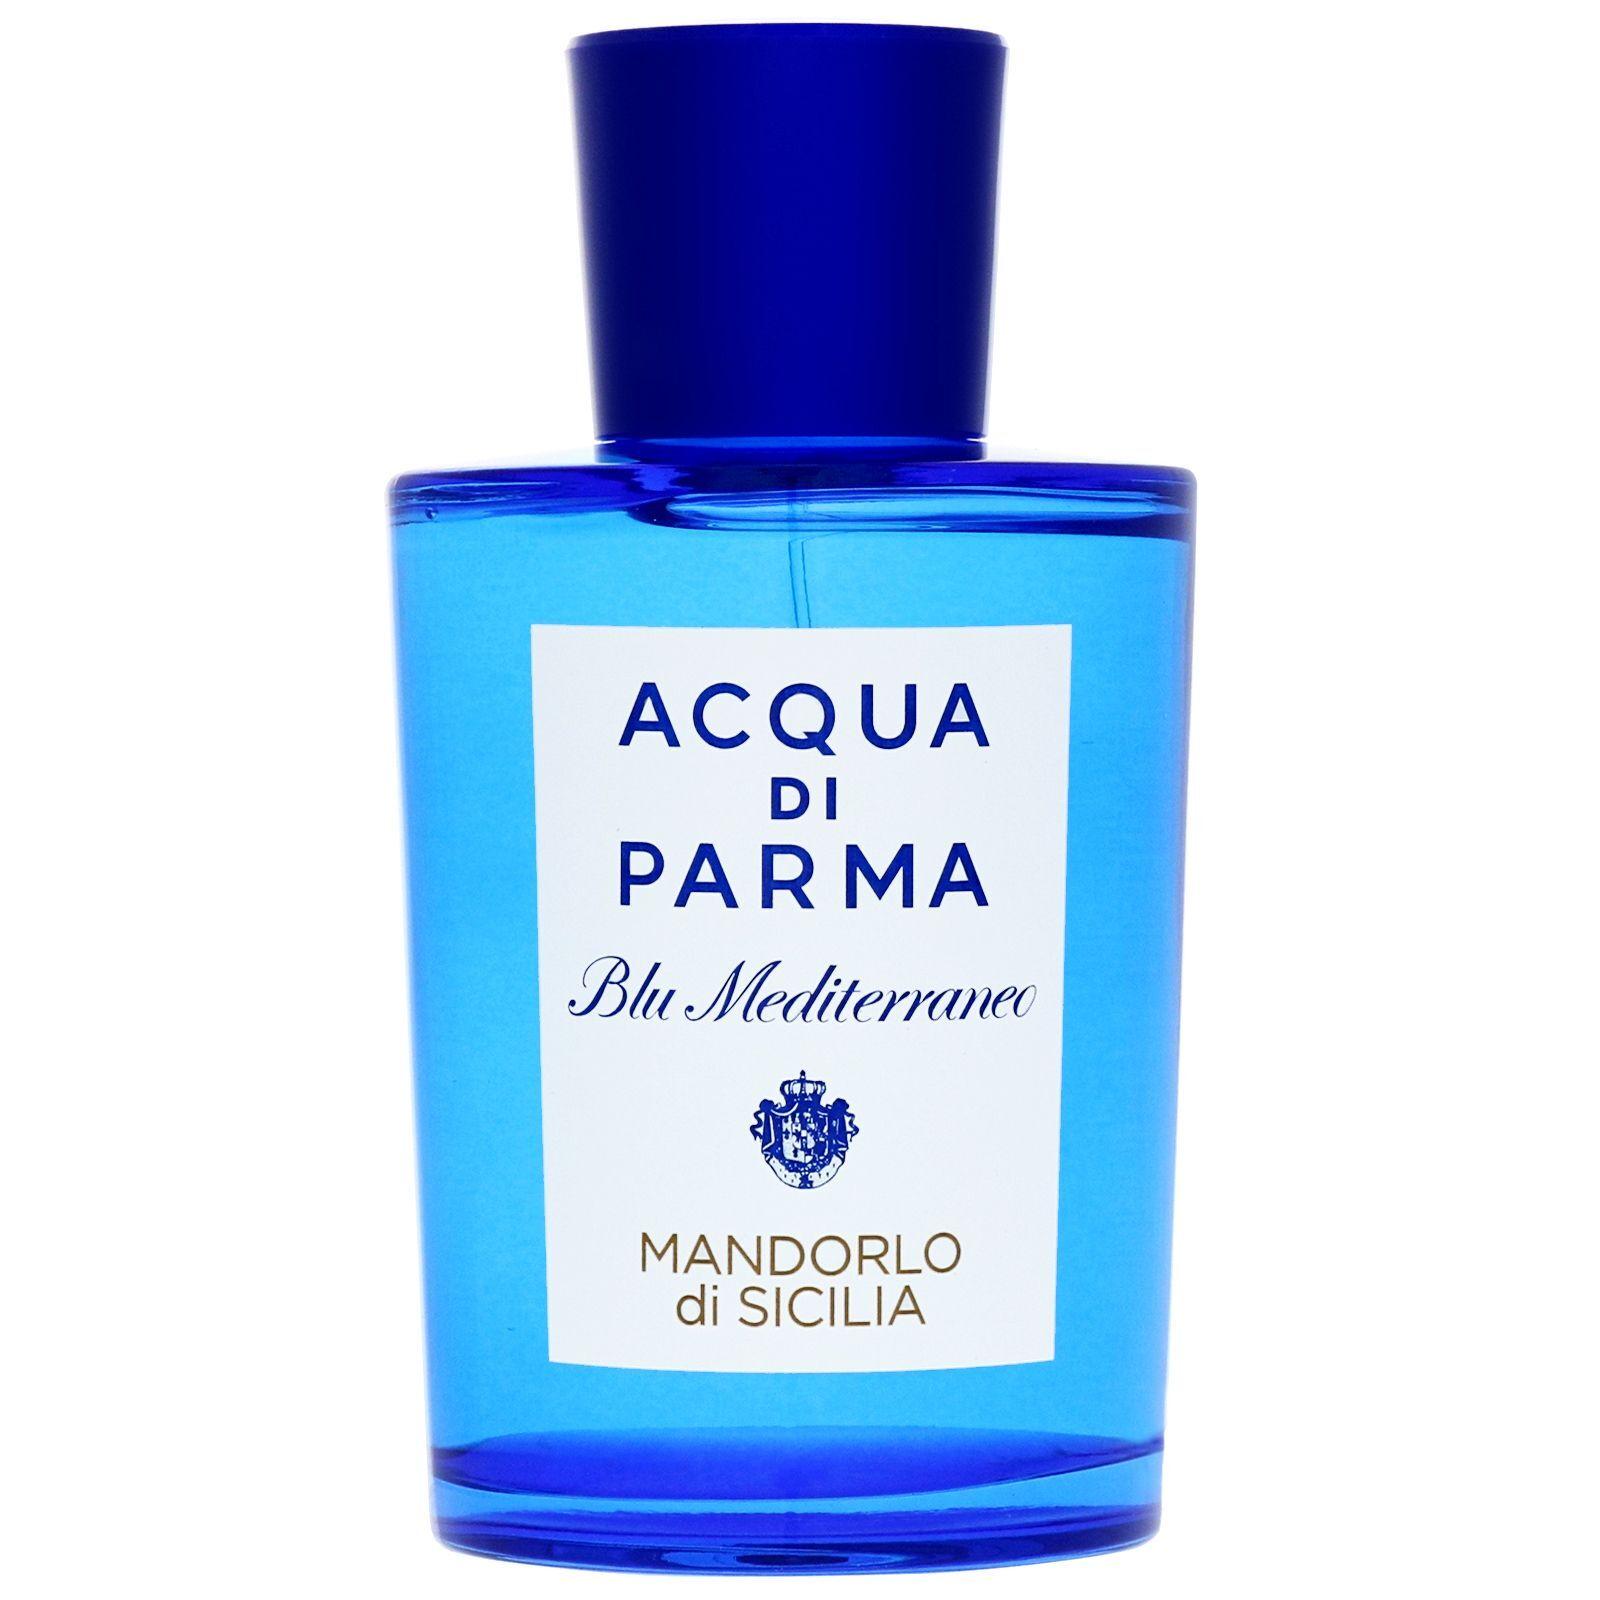 Acqua di Parma Blu Mediterraneo Mandorlo Di Sicilia 150ml Eau de Toilette Spray naturale